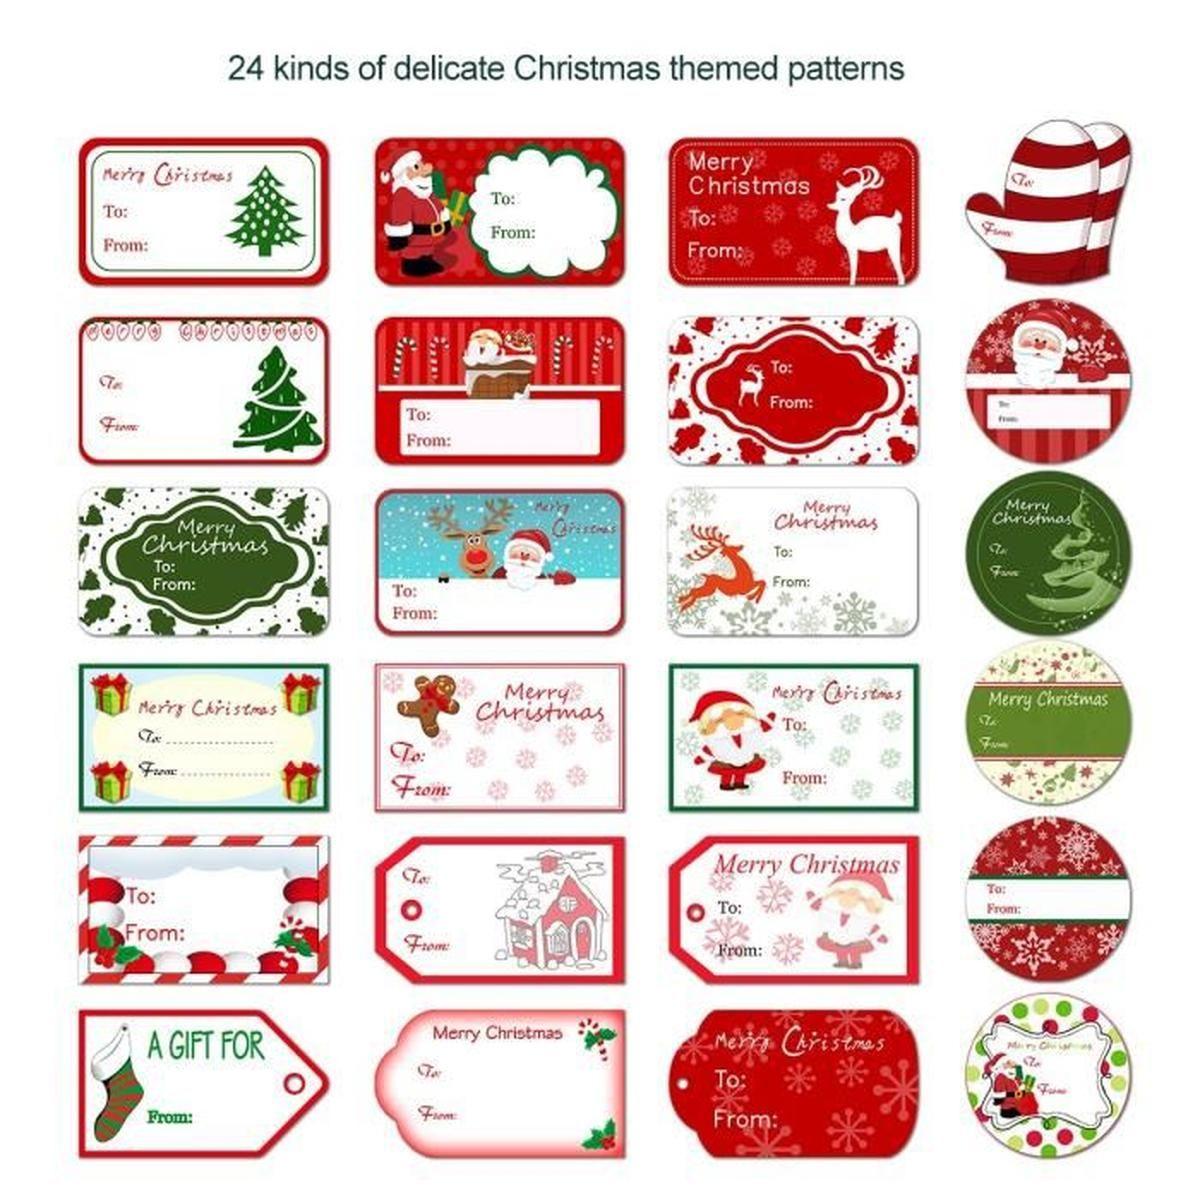 Etiquettes De Noel Marque Cadeau De Fête Autocollant Lot De destiné Etiquette Noel A Imprimer